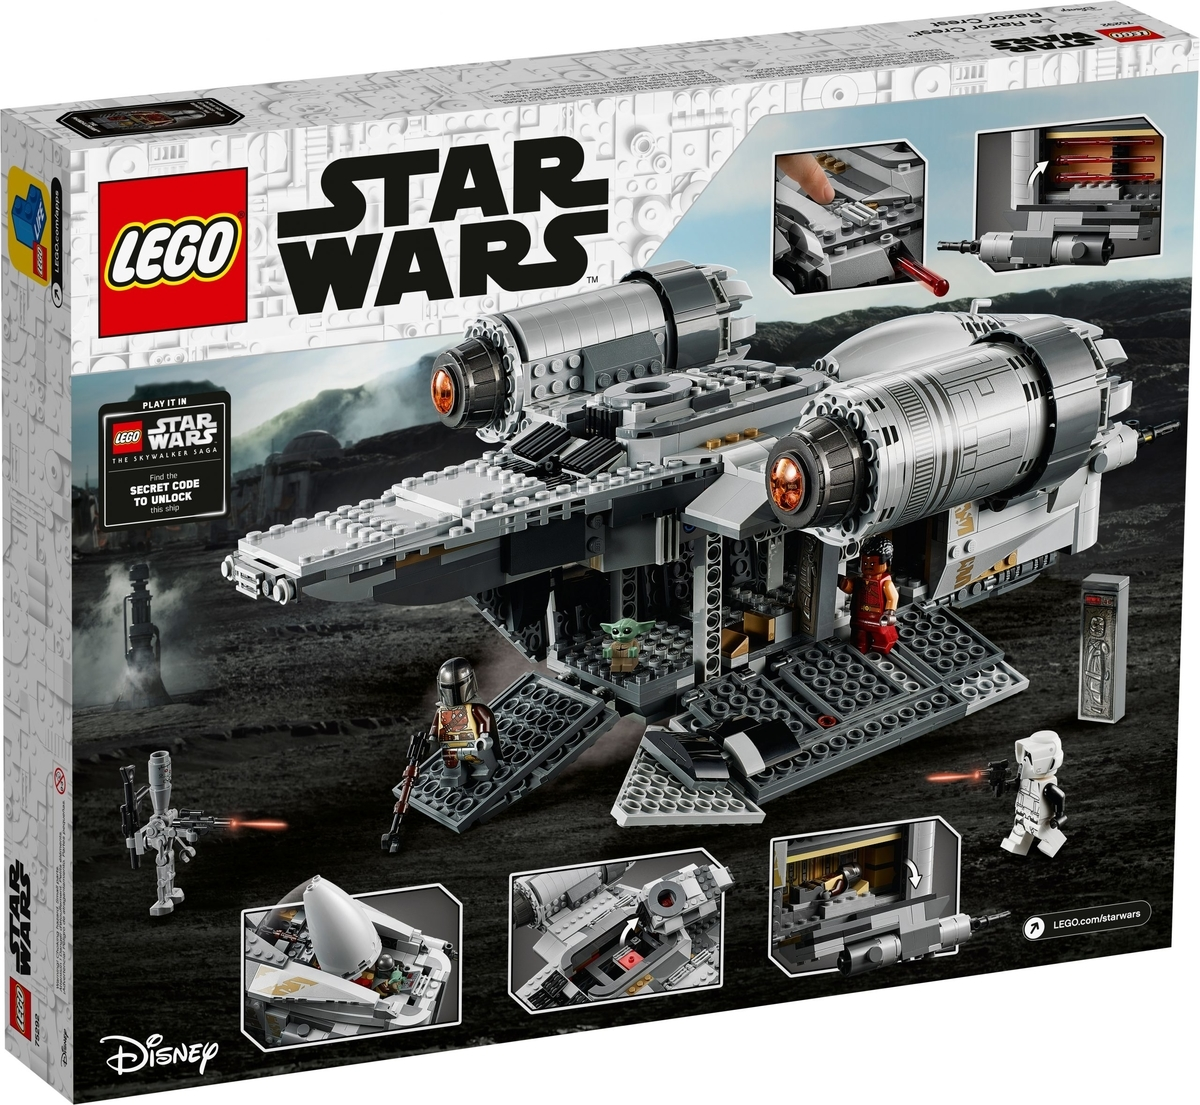 レゴ(LEGO) スター・ウォーズ 2020年の新製品?! - レゴのブログ ...